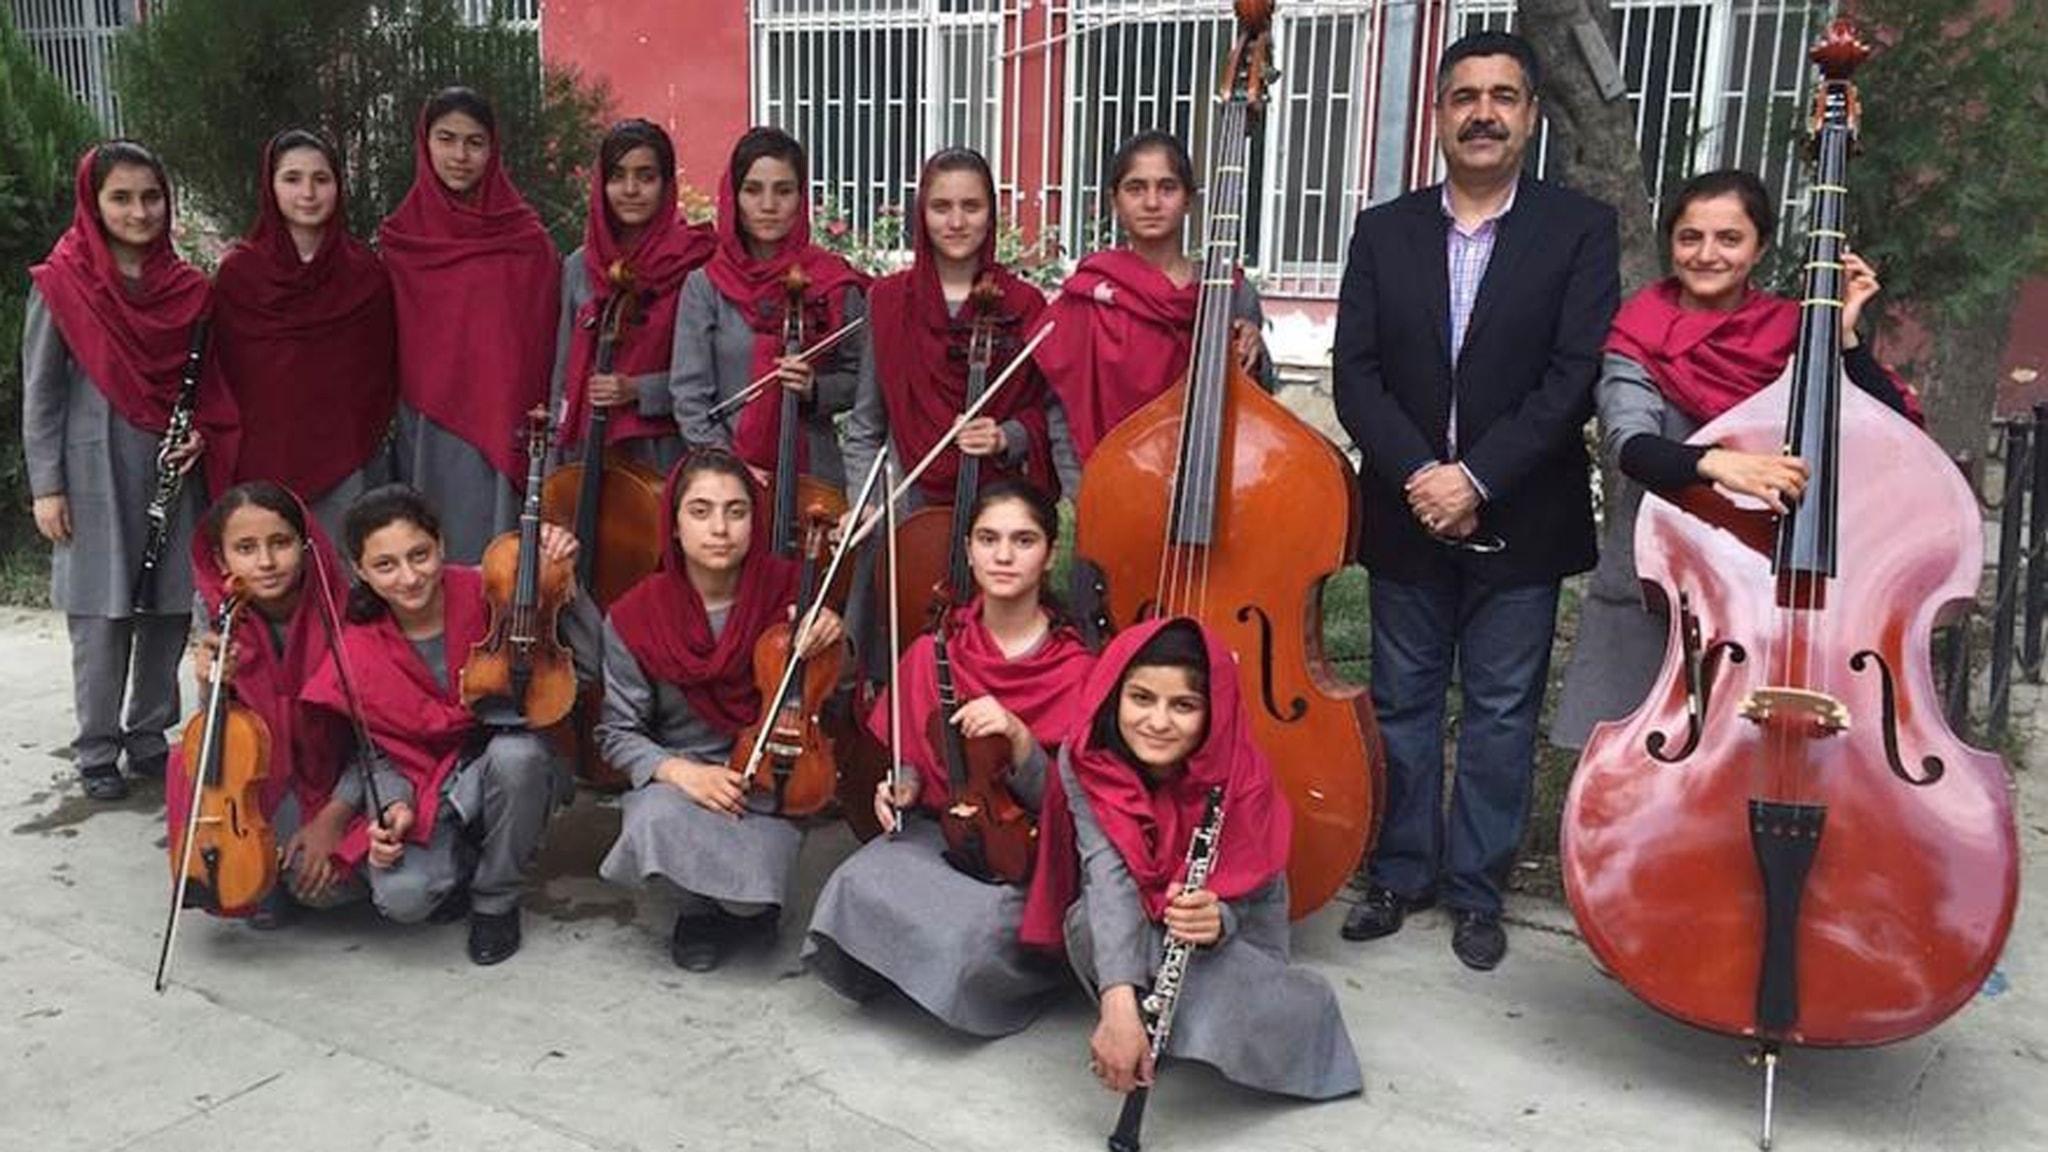 Afghanistans nationella musikinstitut har en helkvinnlig orkester, vilket förargar många extremister i landet.